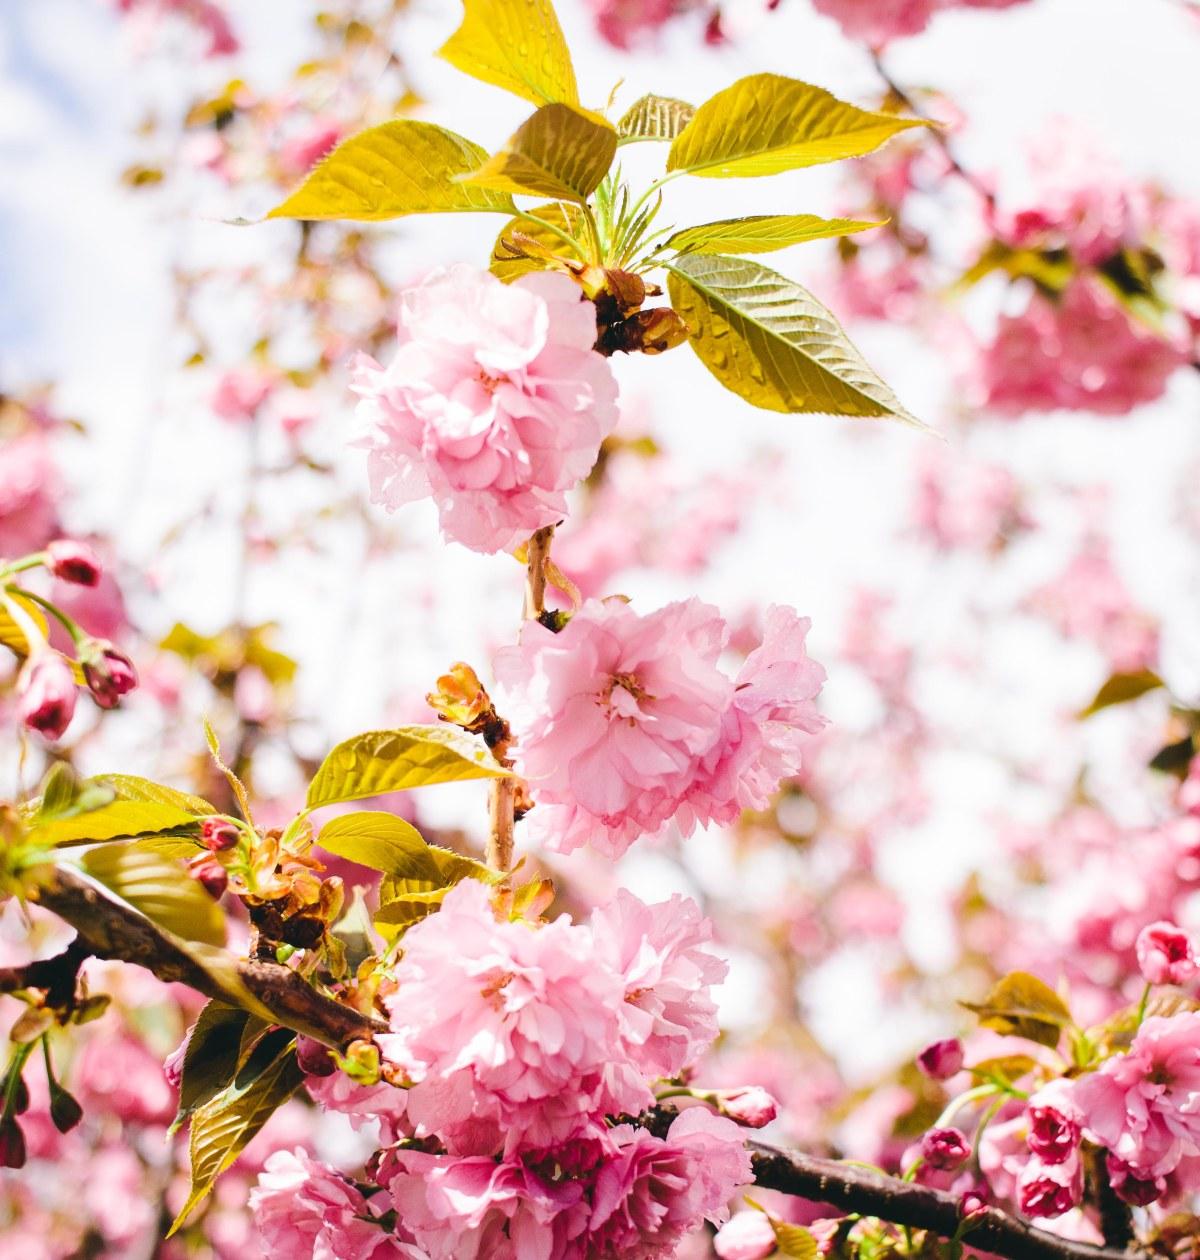 Spring Blooms - www.viciloves.com - @viciloves1